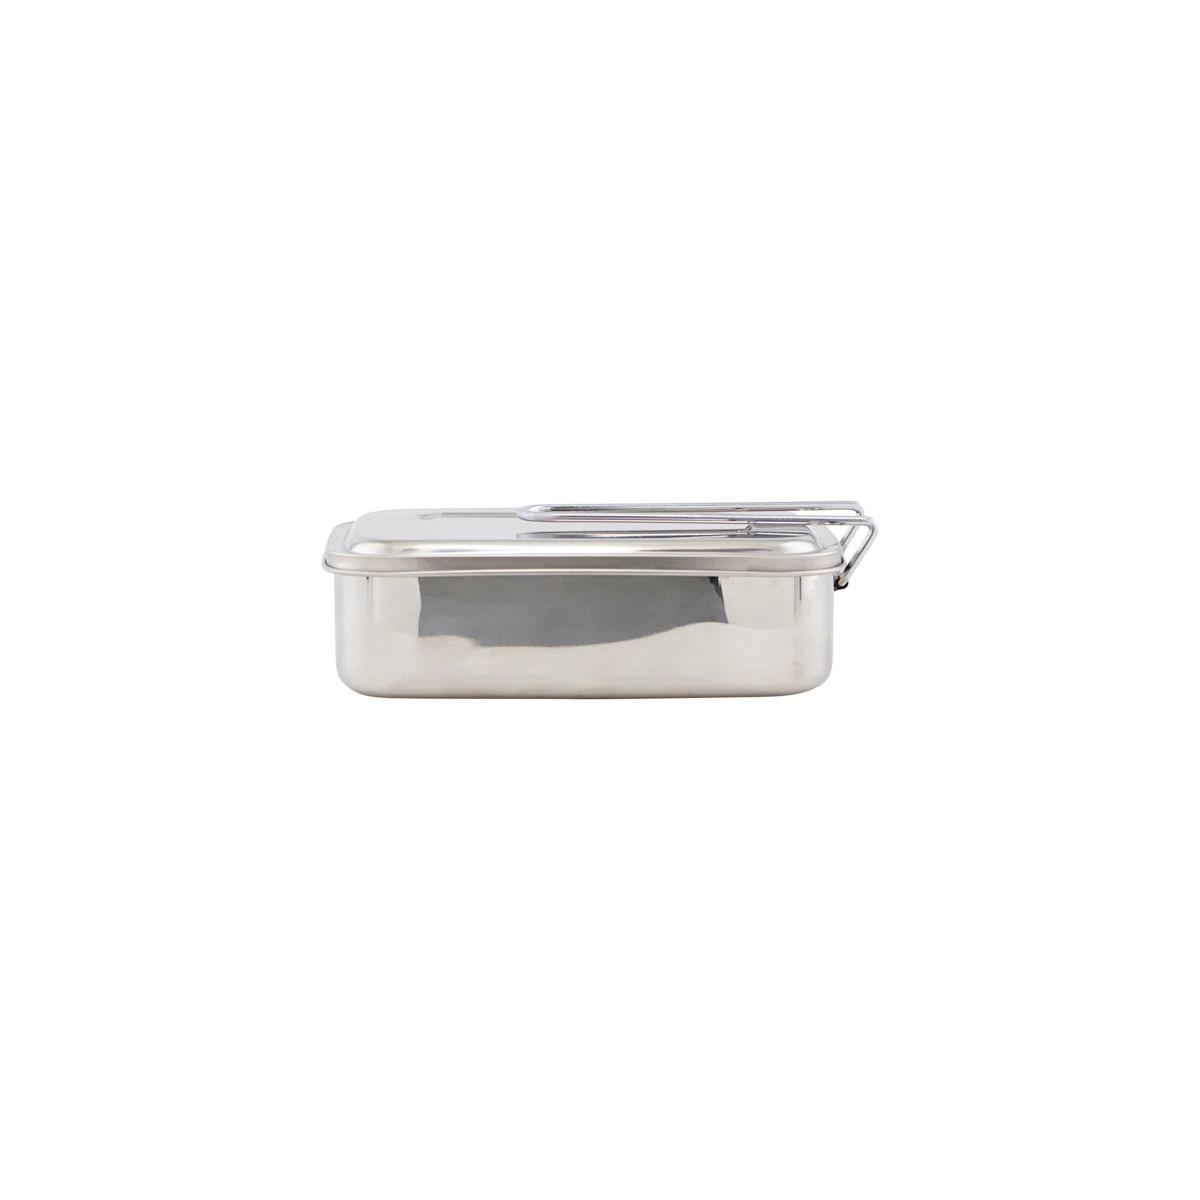 Svačinový/ obědový box BOXIT stříbrný_1